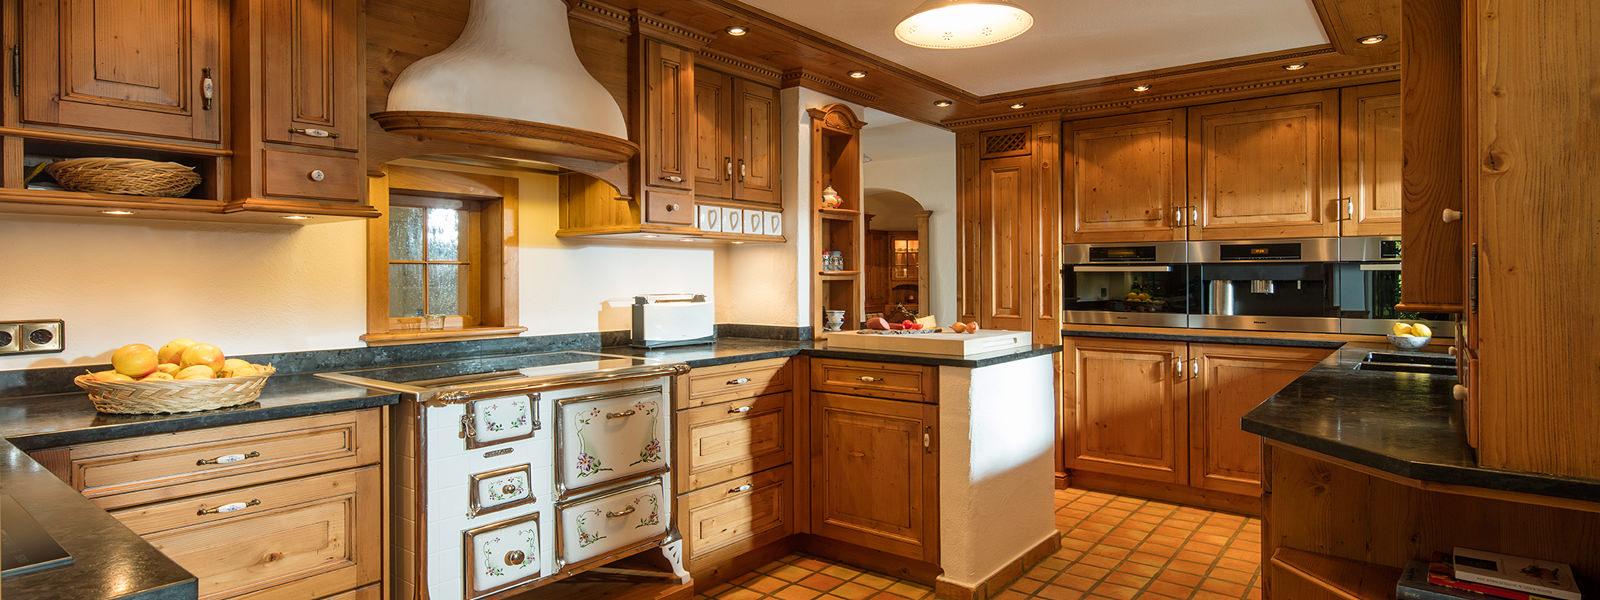 Full Size of Landhausstil Küche Lampe Küche Landhausstil Ohne Geräte Landhausstil Küche Willhaben Teppich Landhausstil Küche Küche Landhausstil Küche